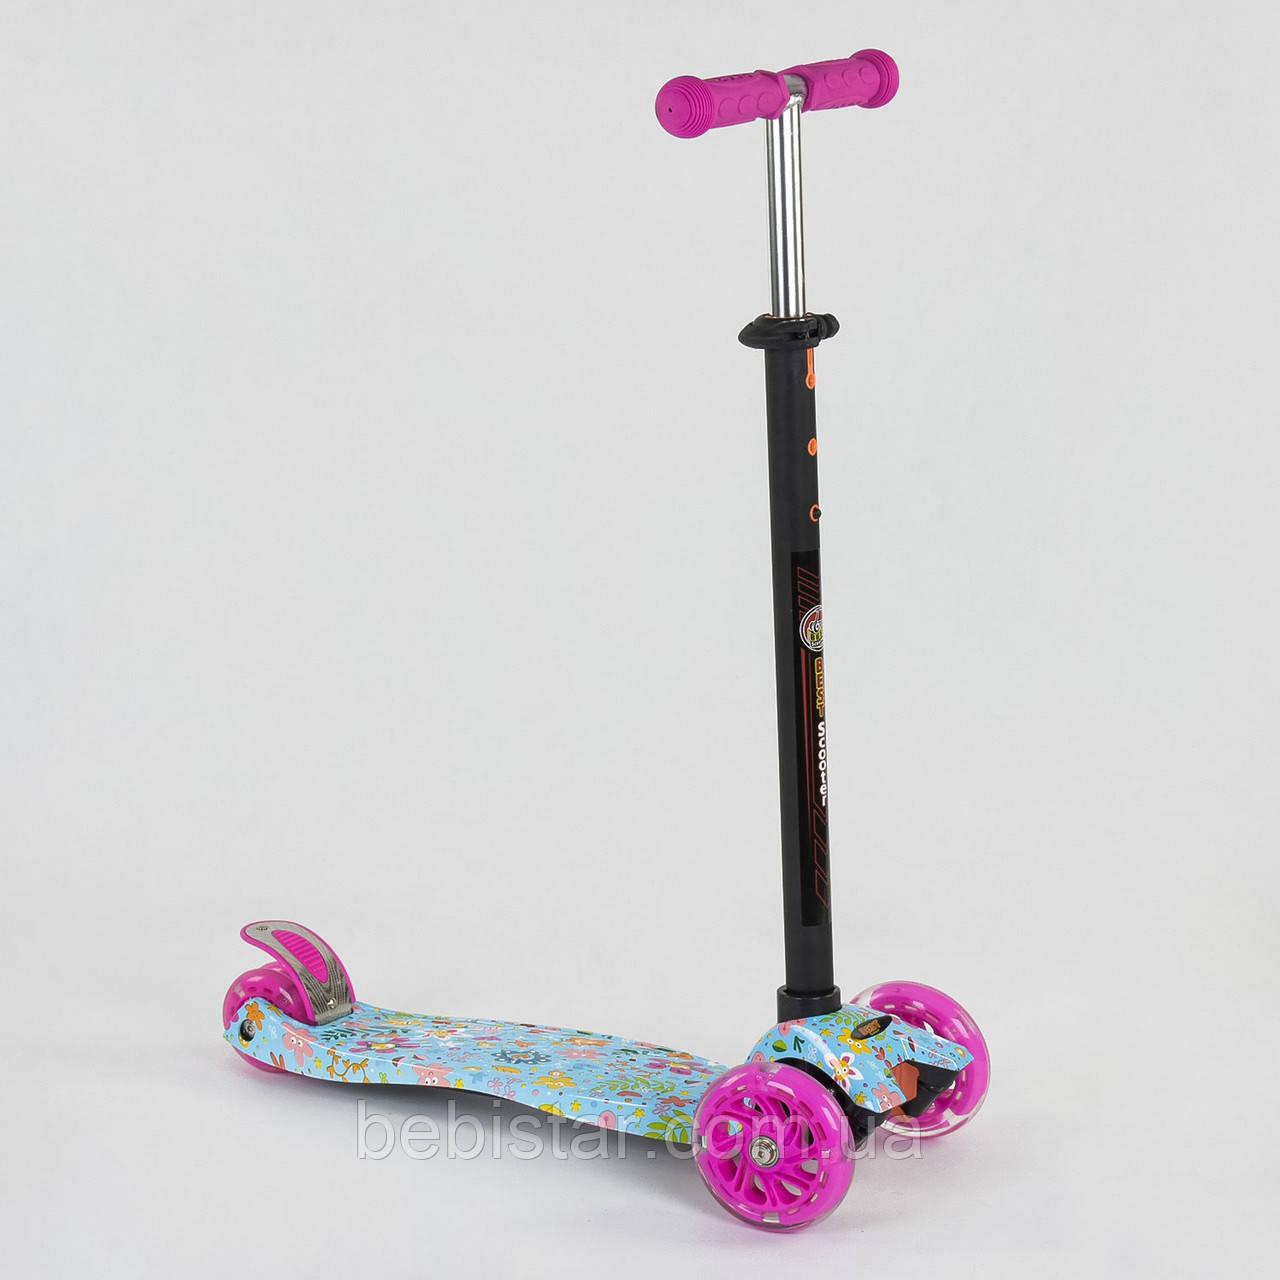 Самокат-кикборд Best Scooter MAXI голубой со светящимися розовыми колесами деткам от 3 лет